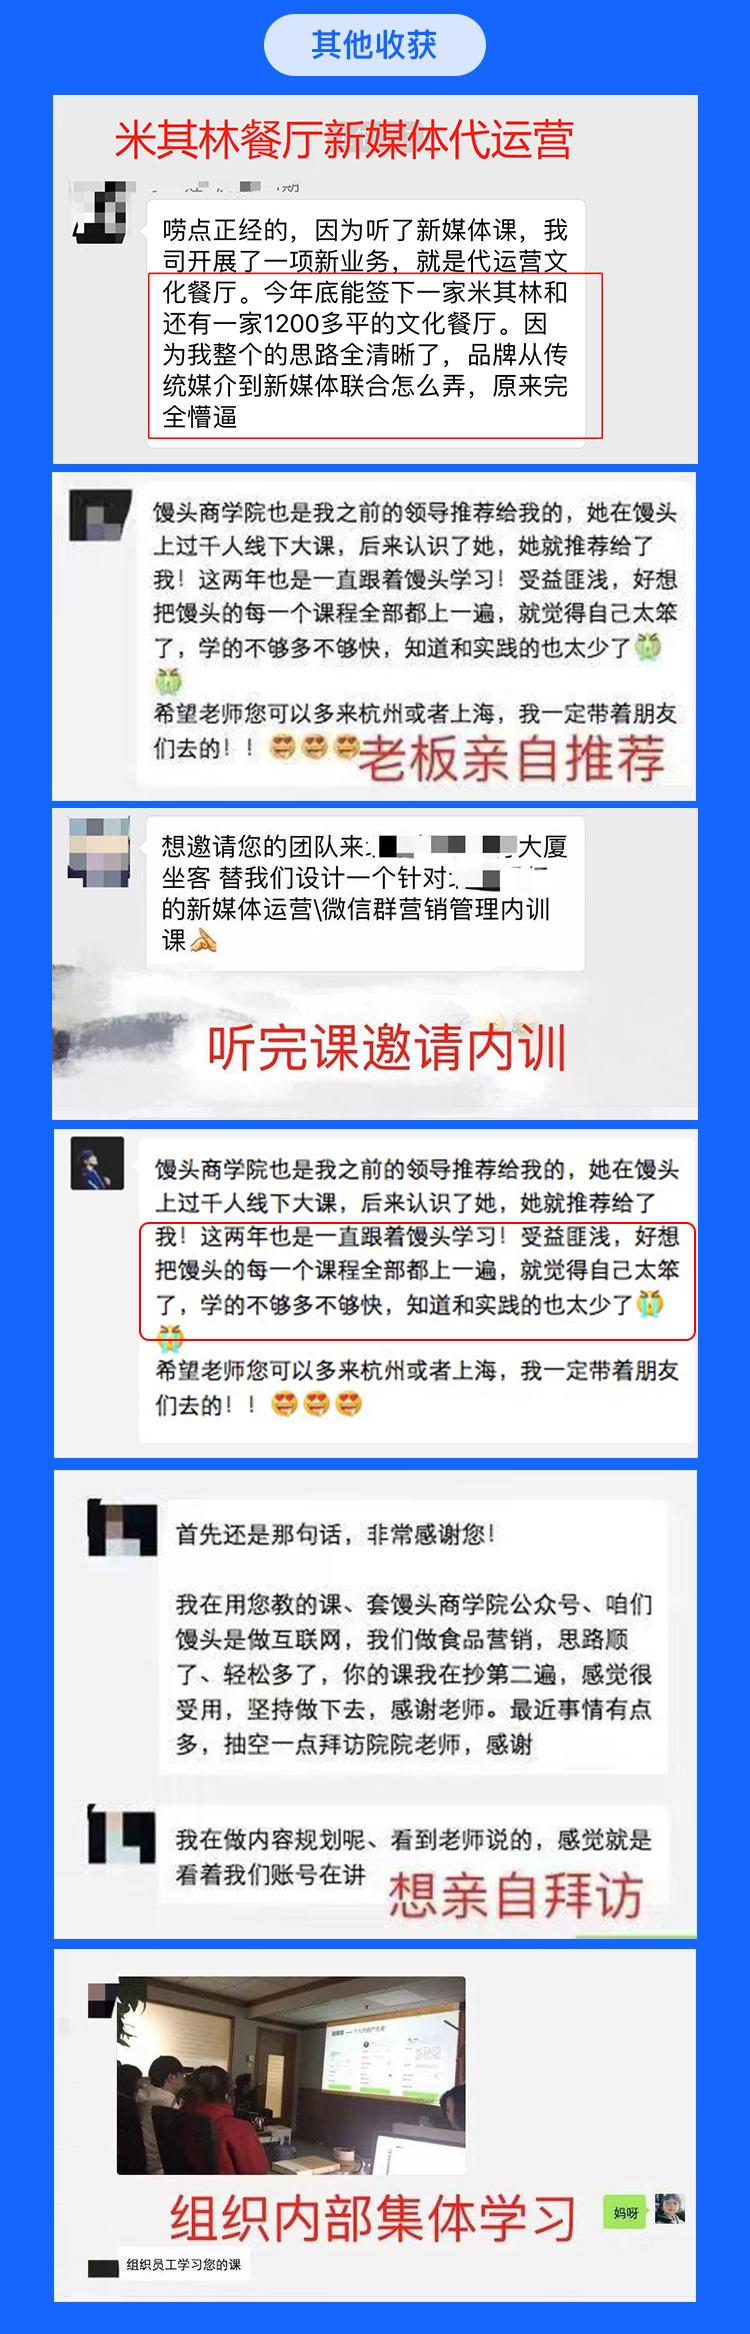 http://mtedu-img.oss-cn-beijing-internal.aliyuncs.com/ueditor/20190801164222_311659.jpg